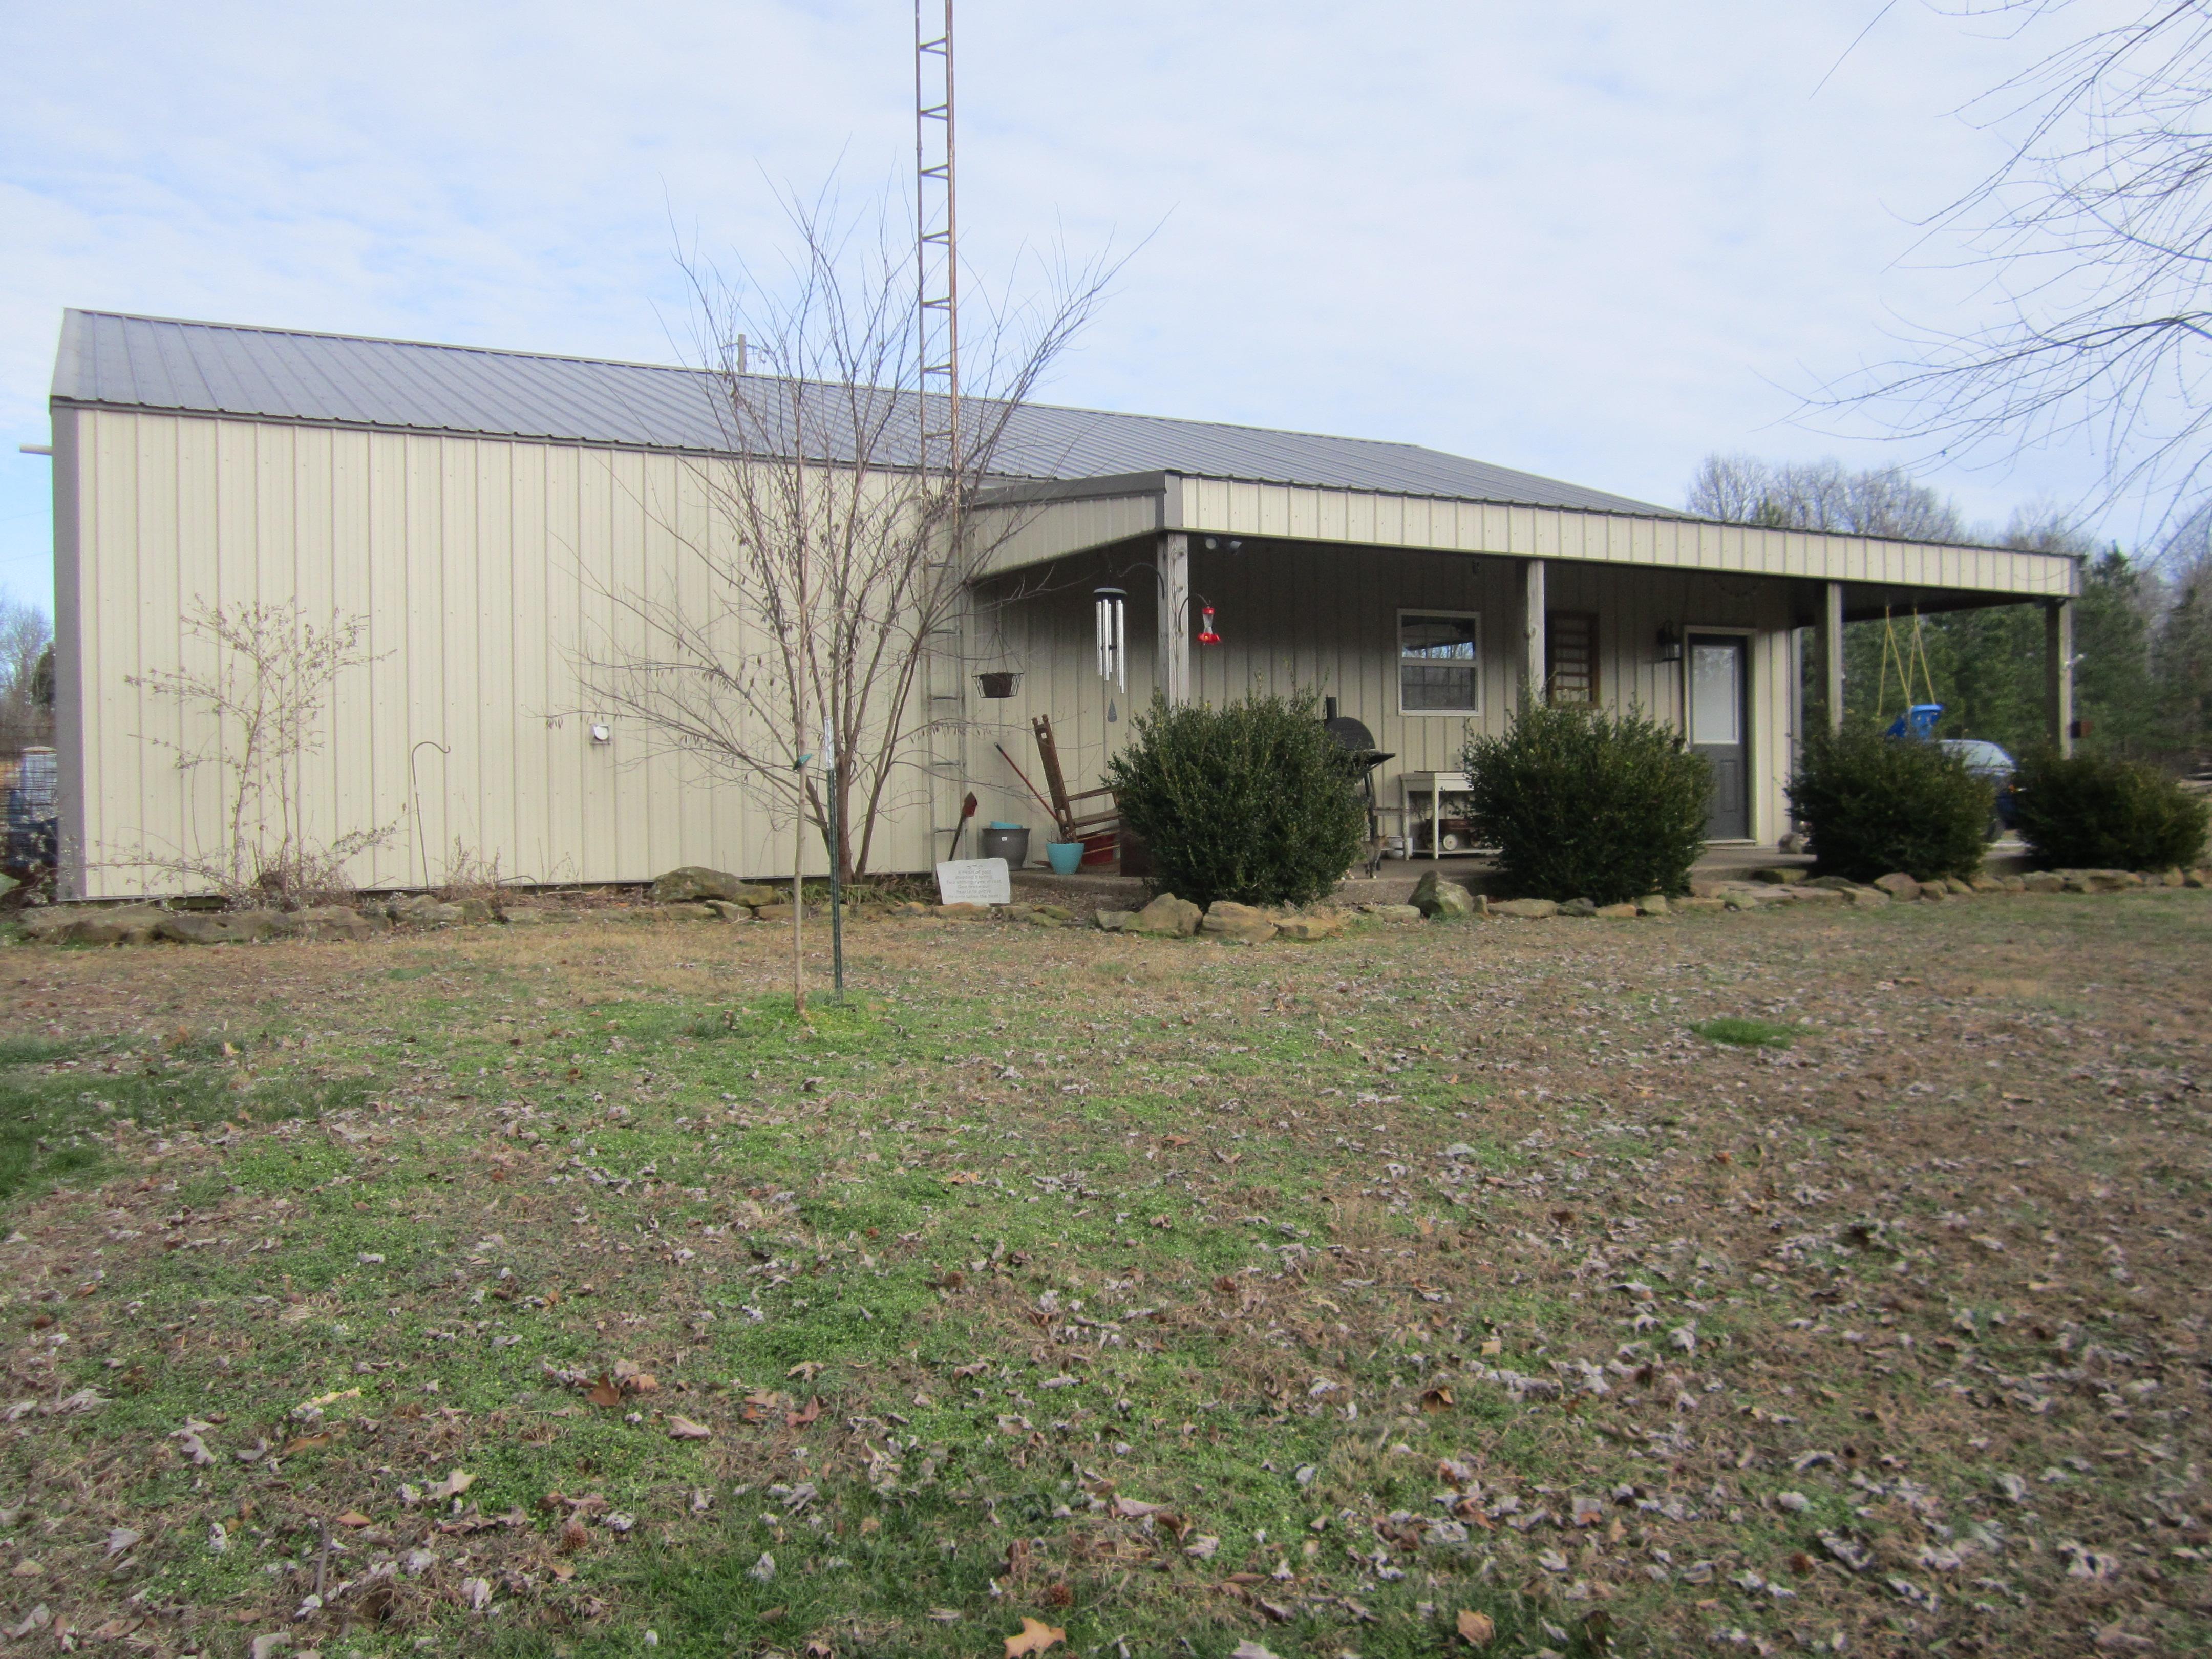 12271 Hwy. 1513, Hawesville, Kentucky 42348